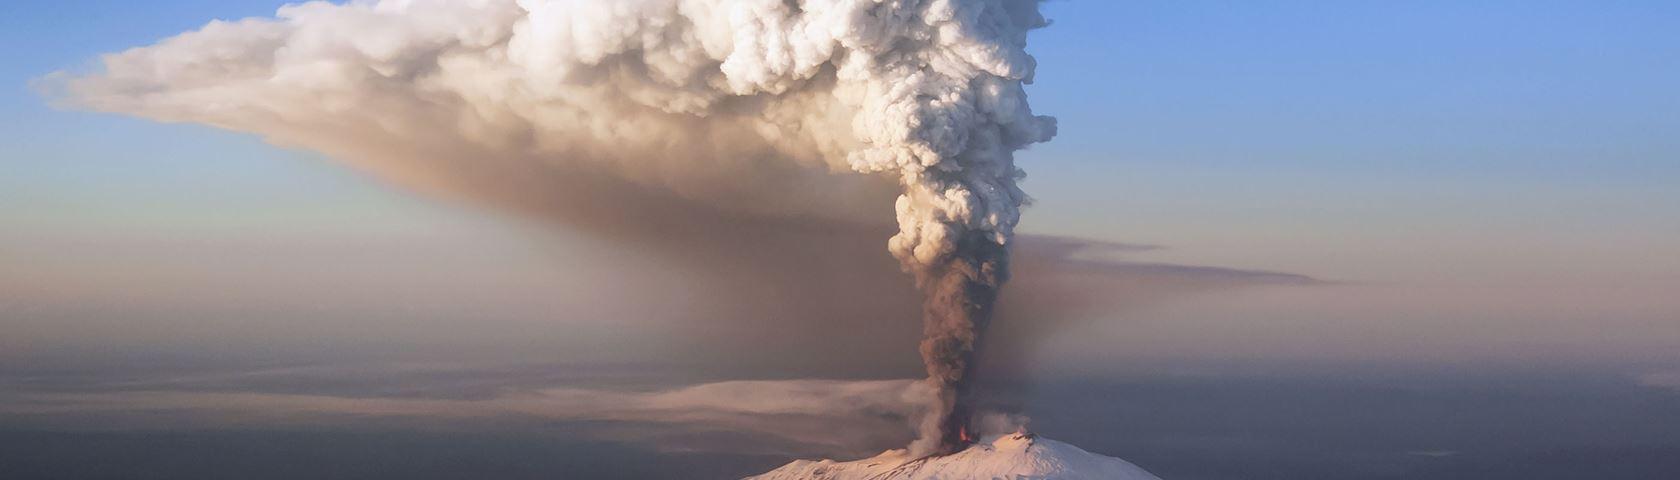 Steaming Mt Etna, Sicily